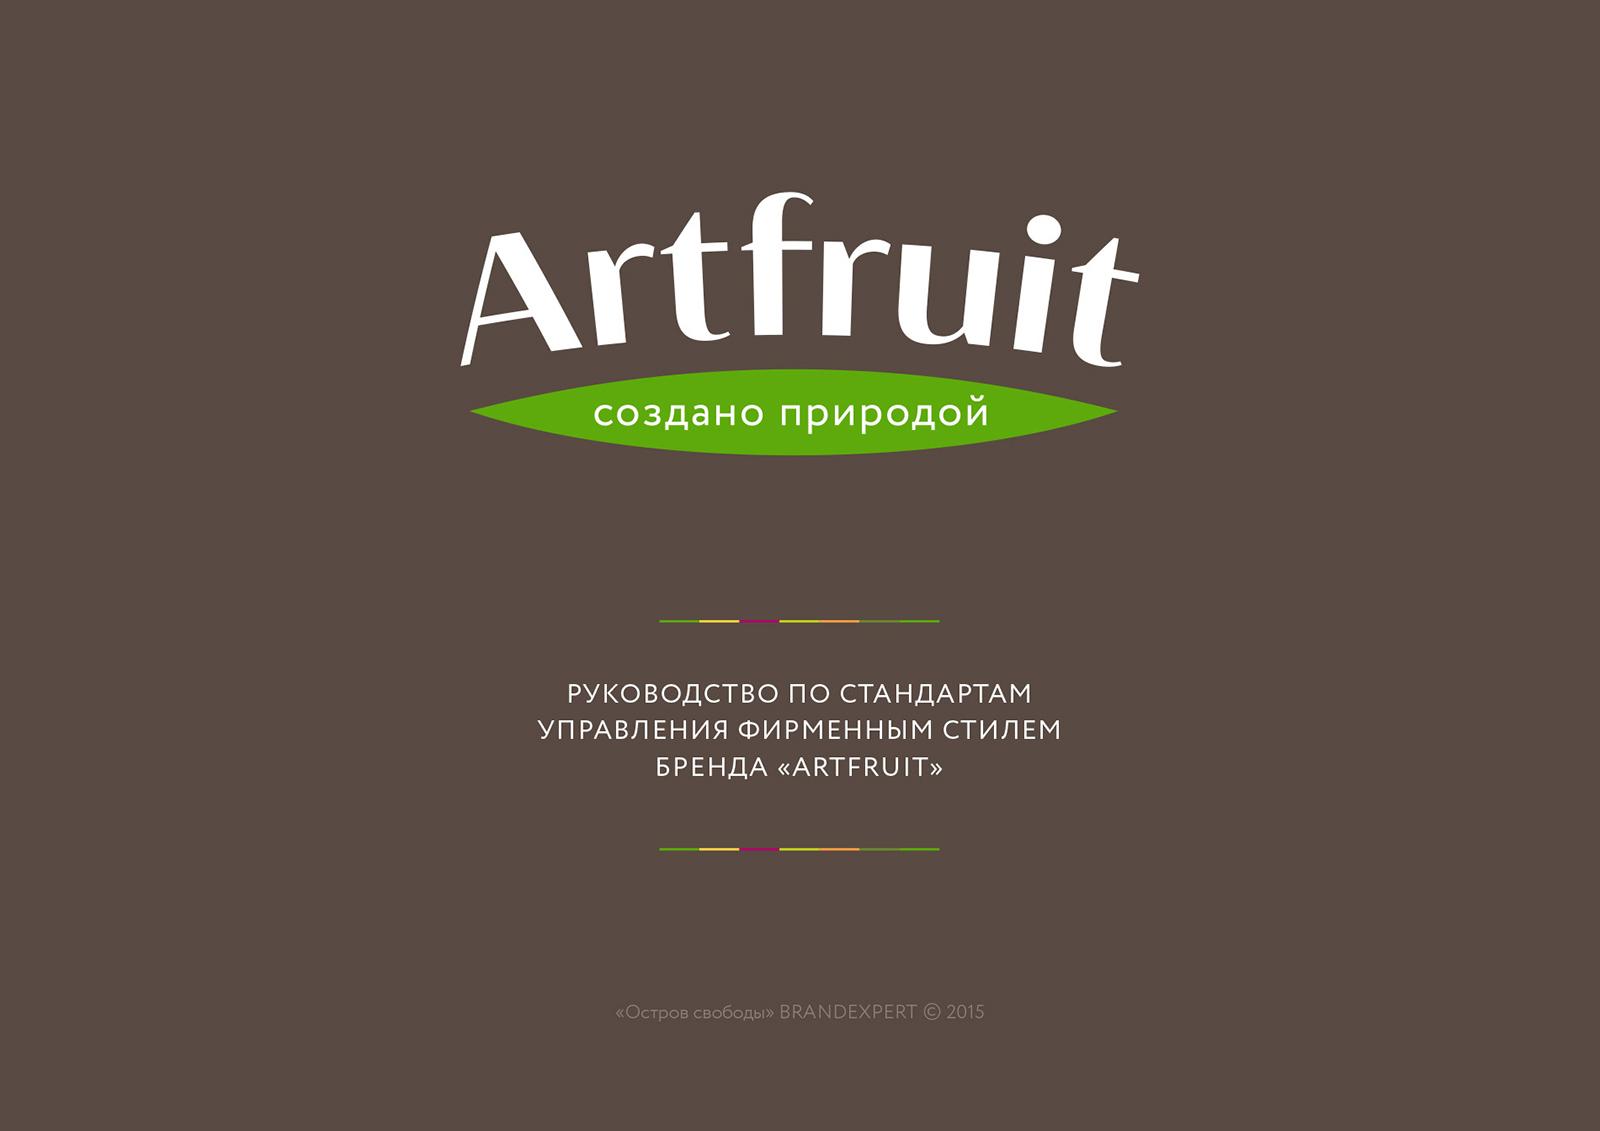 Разработка брендбука компании Artfruit